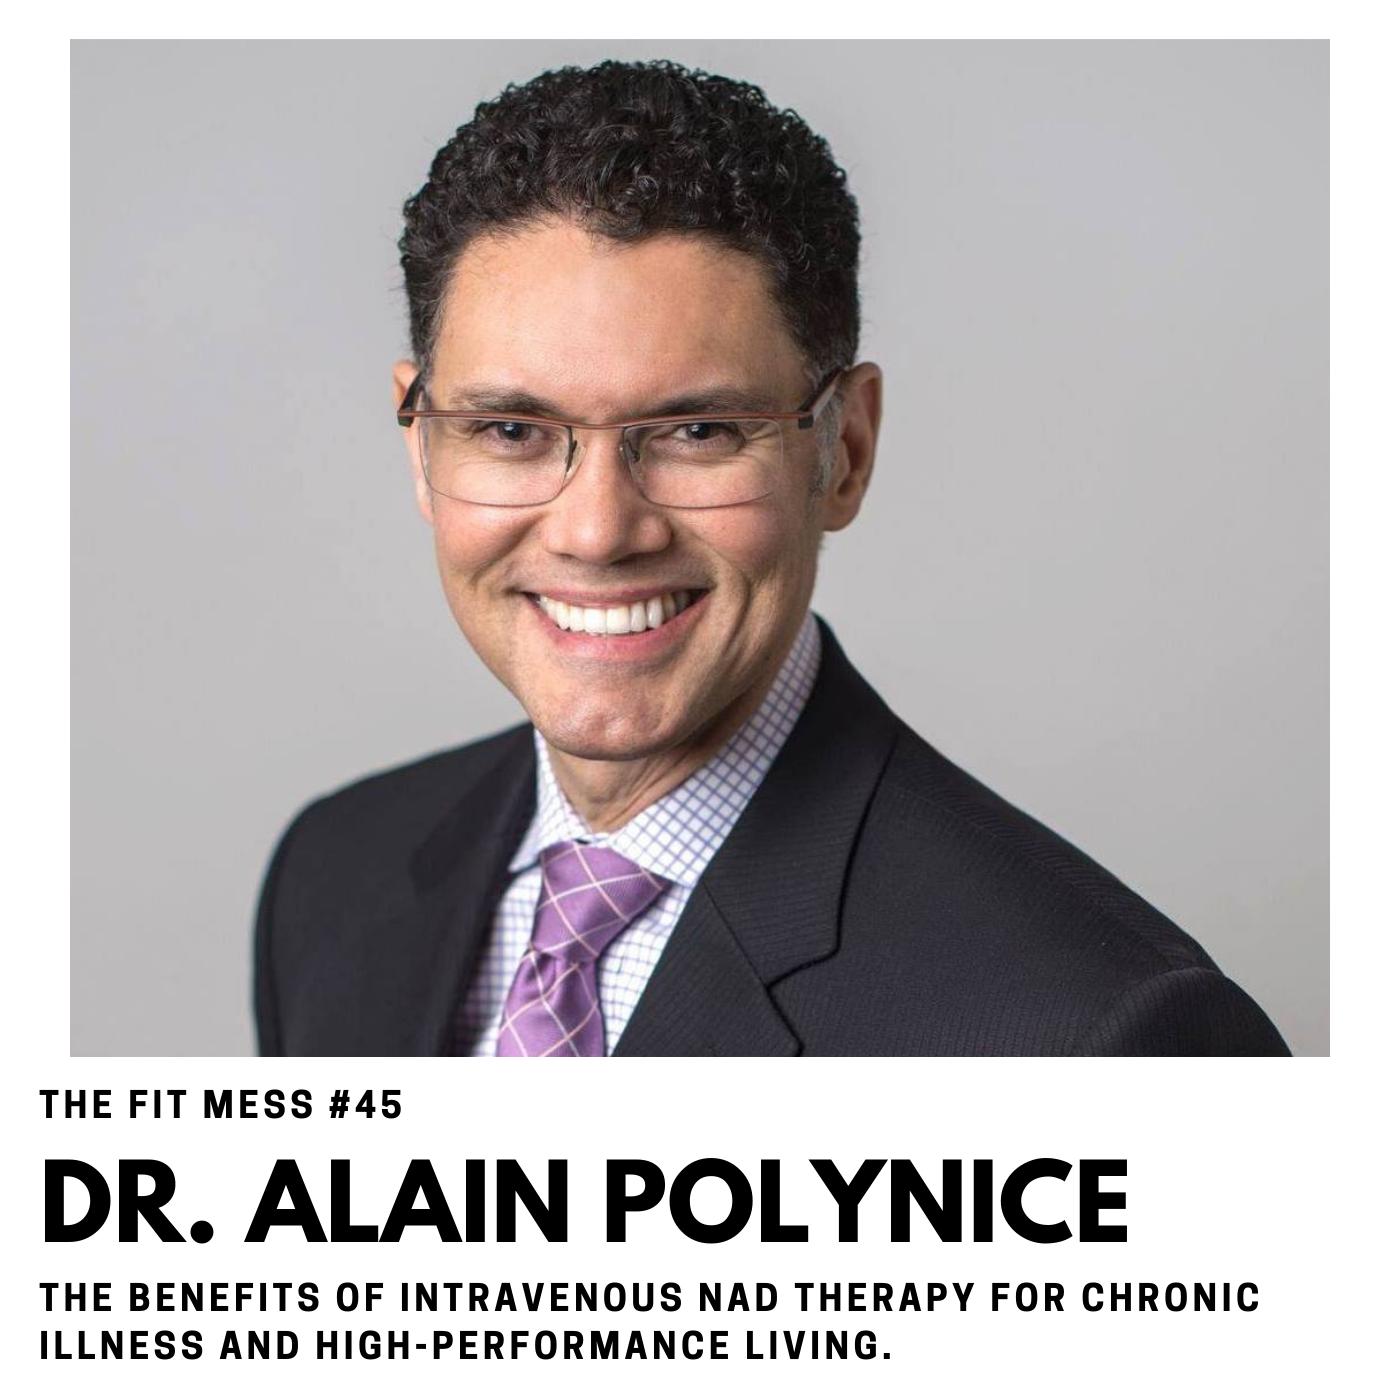 Dr. Alain Polynice